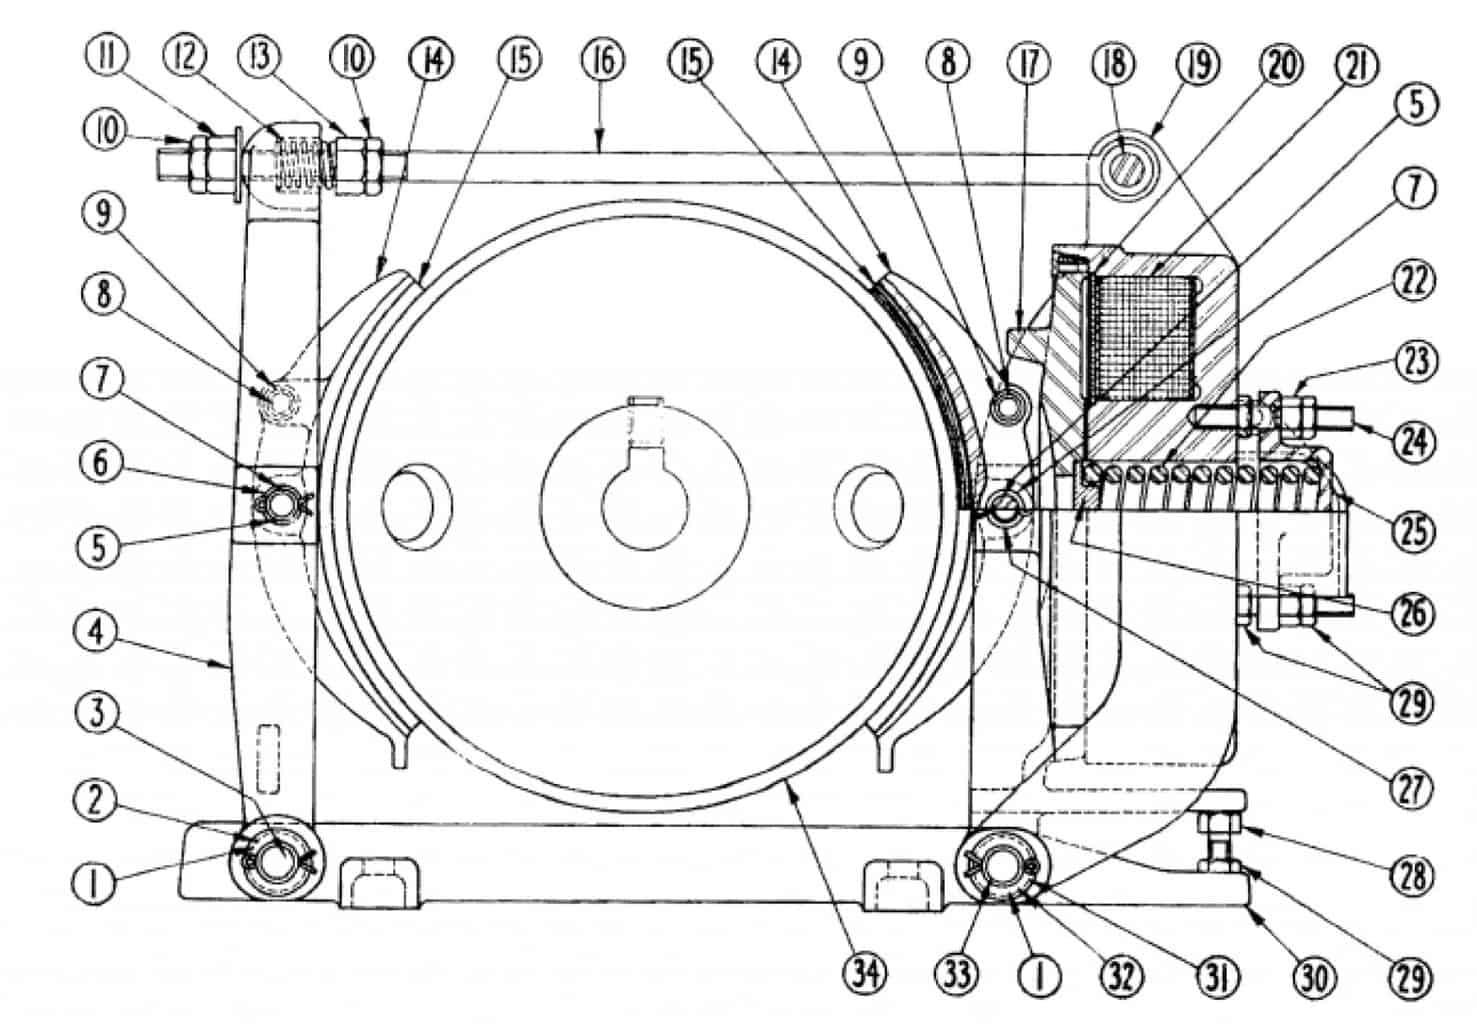 No. 503 18 Type M Brake